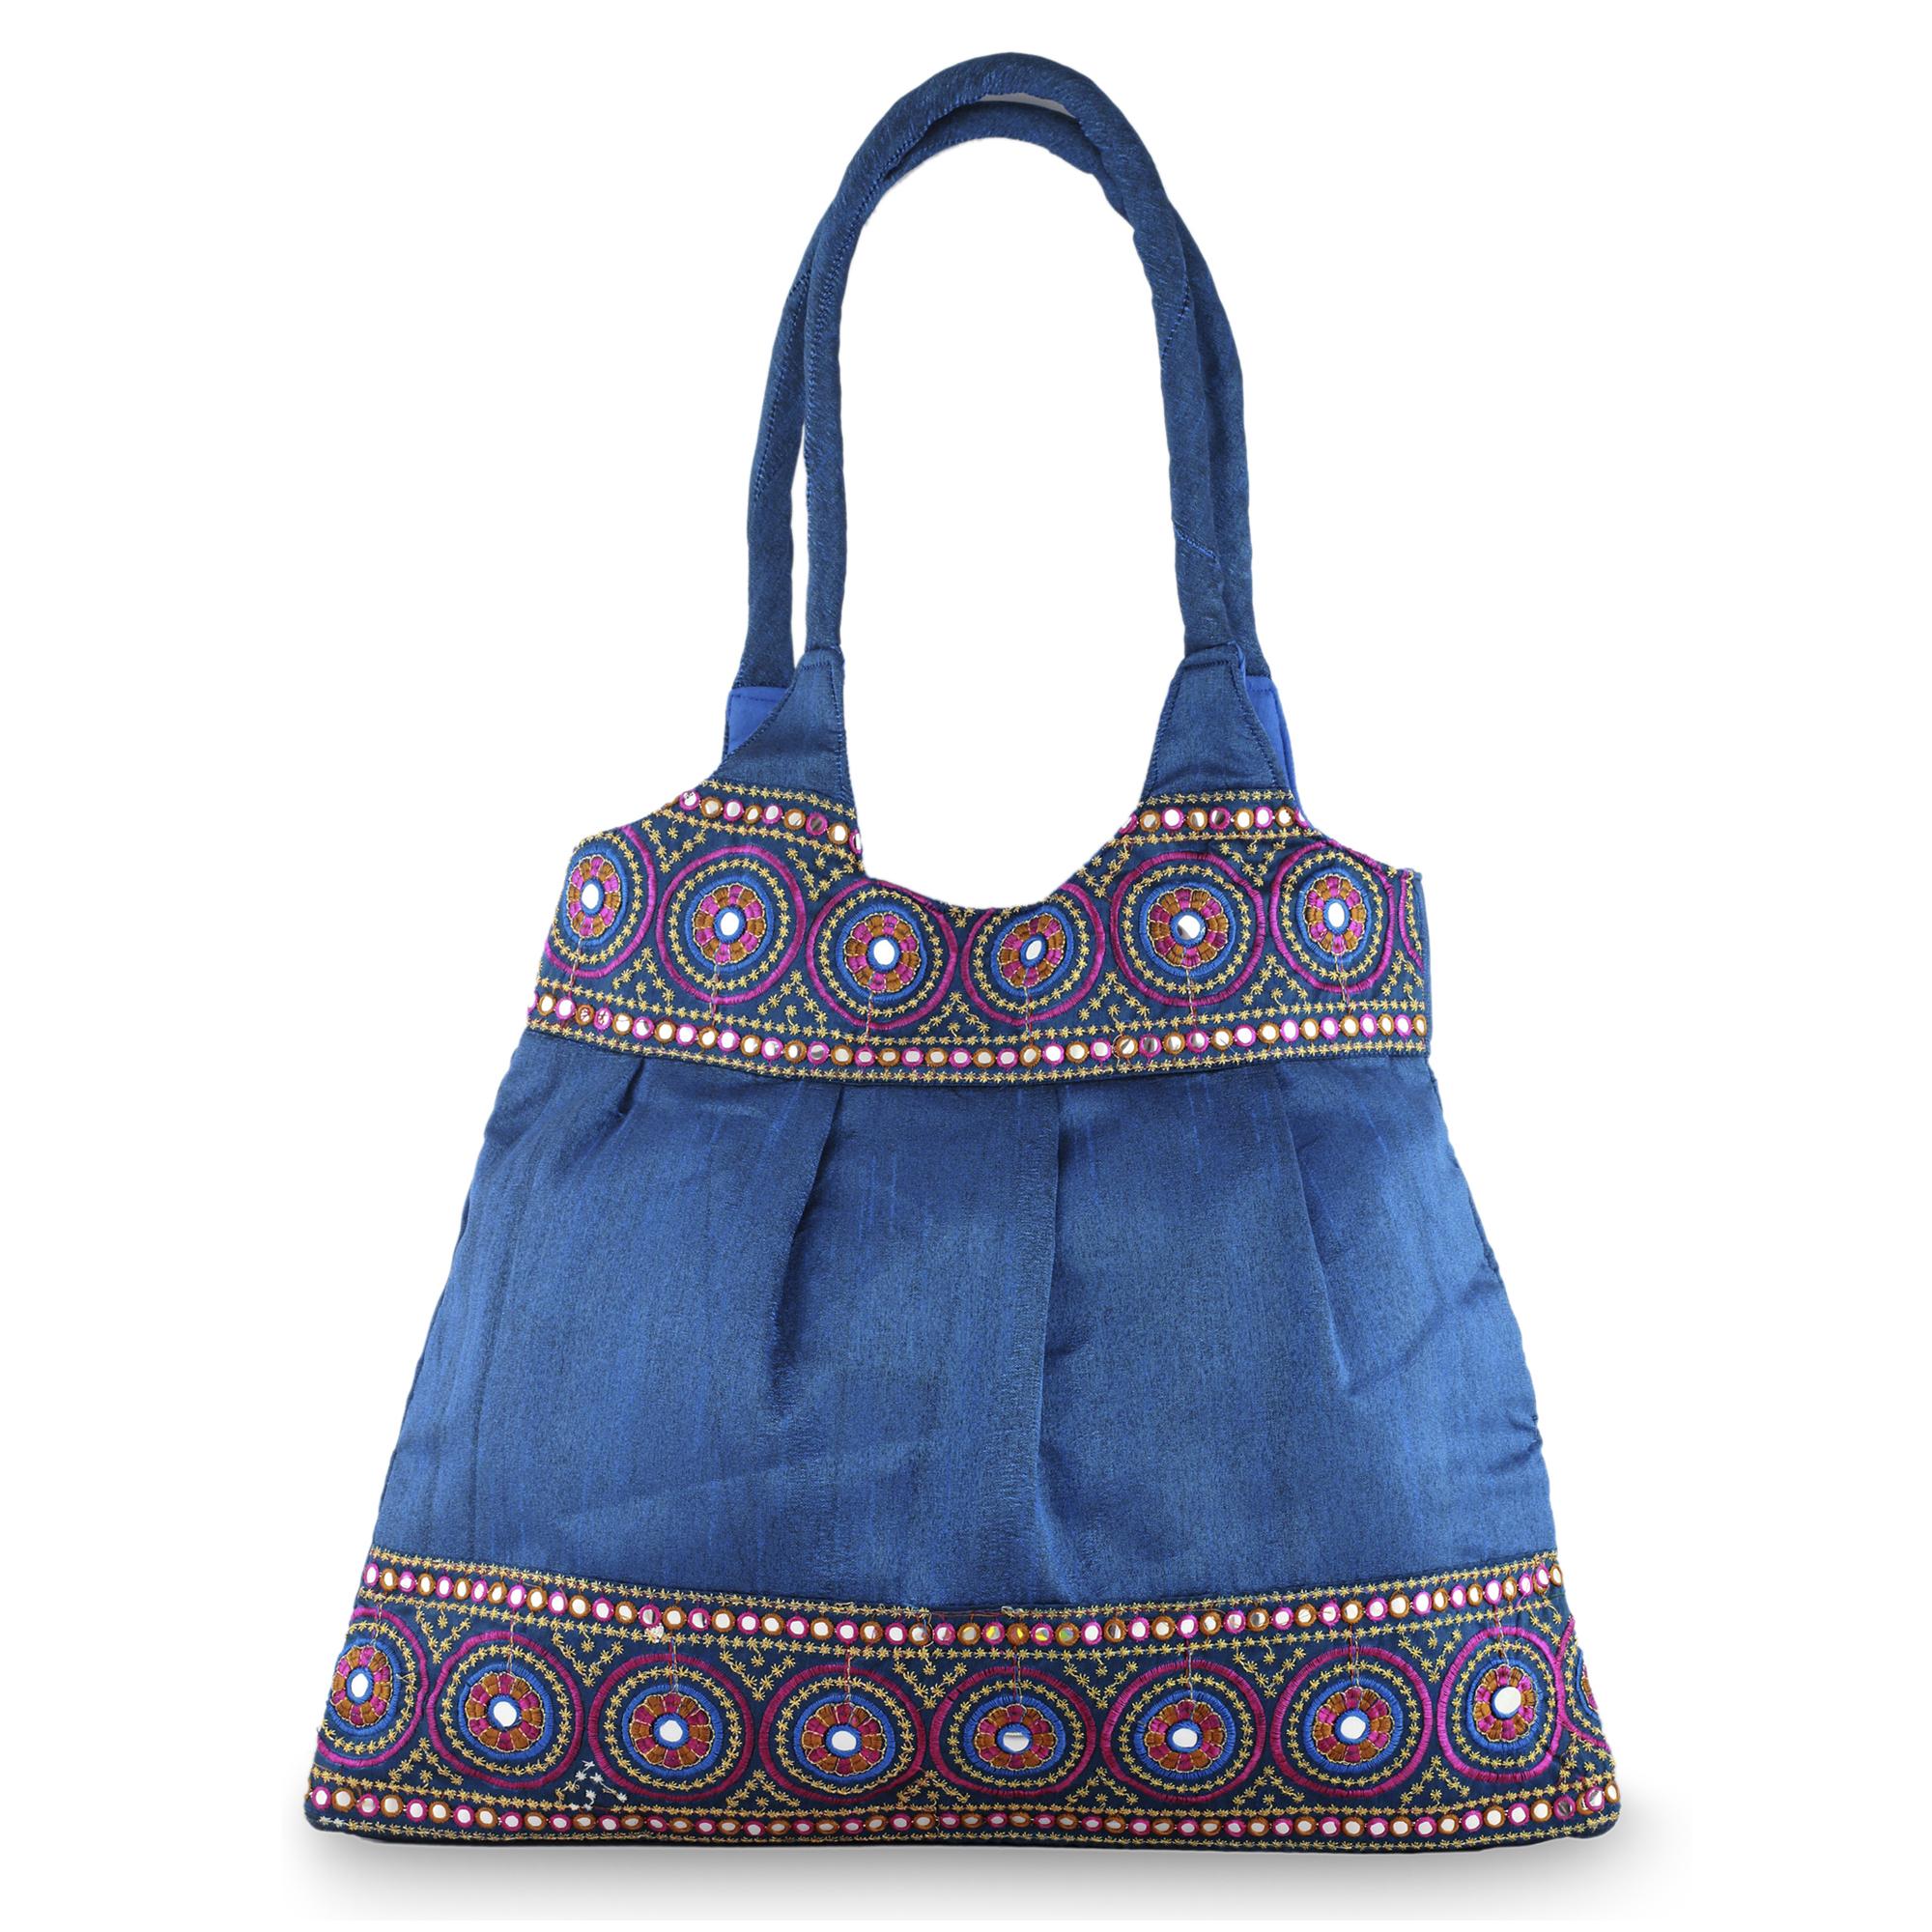 Unicef uk market floral embroidered shoulder bag blue